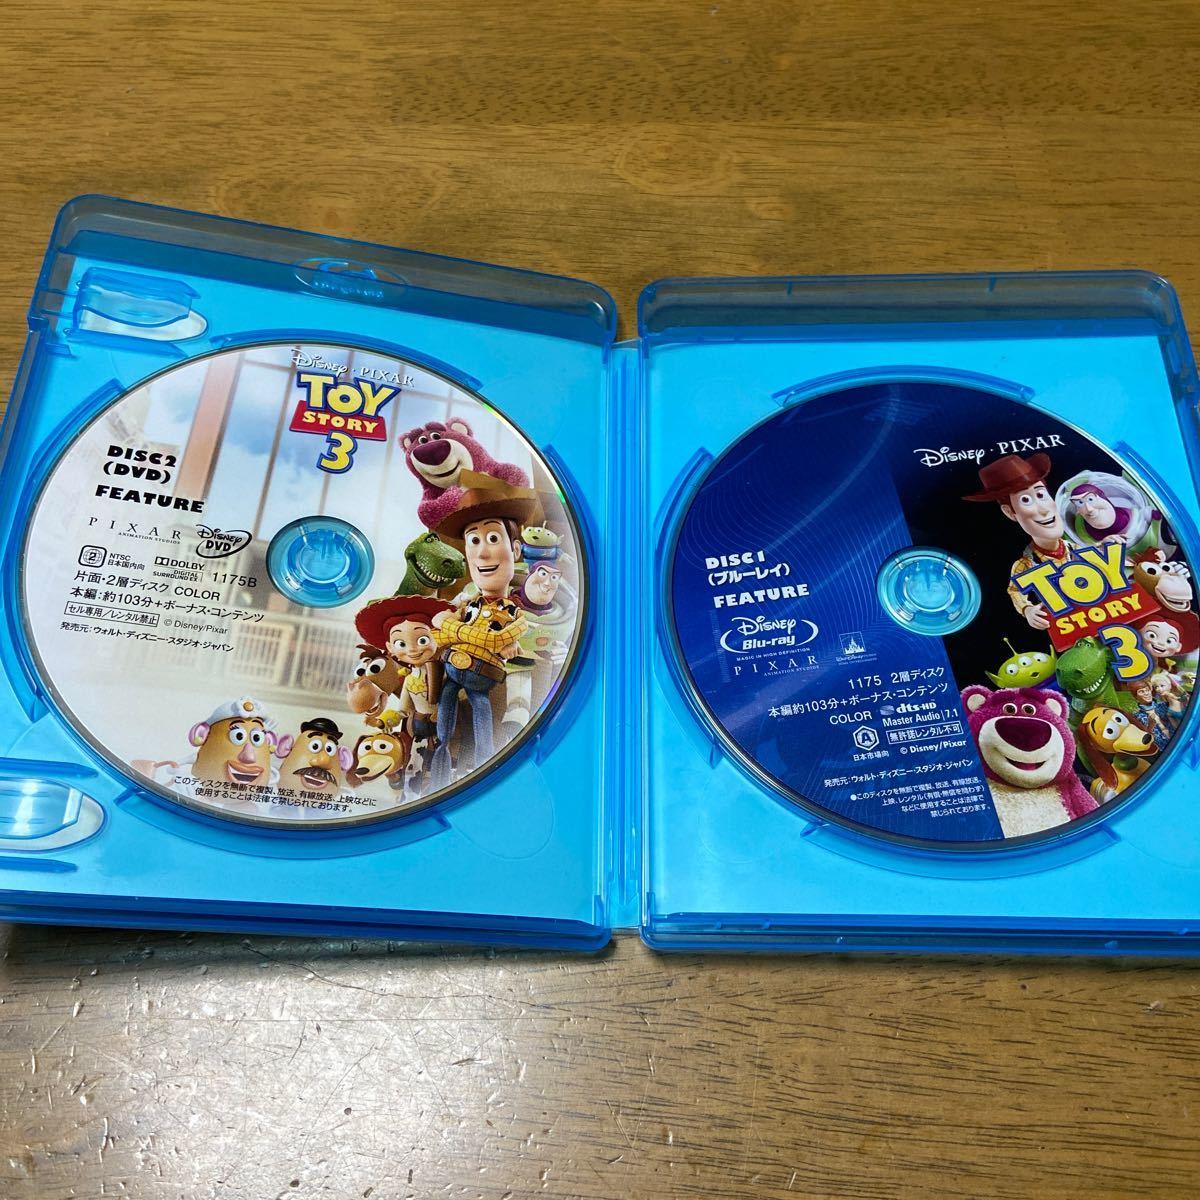 トイストーリー3 ブルーレイ+DVDセット (Blu−ray Disc) (ディズニー)